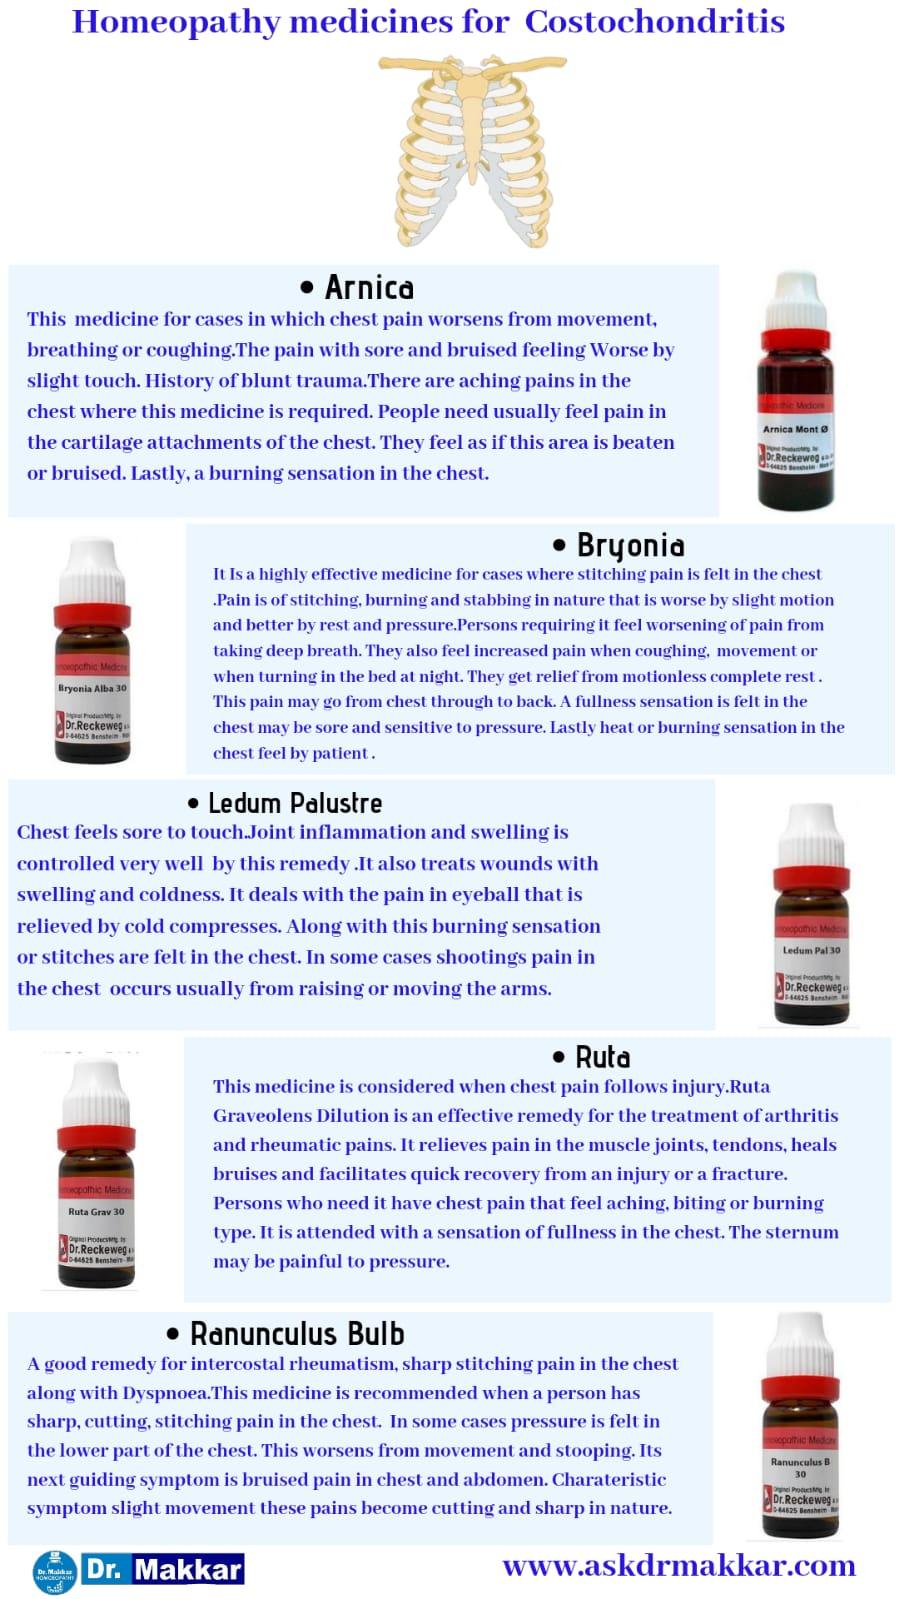 Best Homeopathic Medicines for top Remedies for Costochondritis Pain in Ribs    कोस्टोकोंडाइटिस पसली में सूजन की होम्योपैथिक ट्रीटमेंट दवा सर्वश्रेष्ठ होम्योपैथिक दवा शीर्ष उपाय